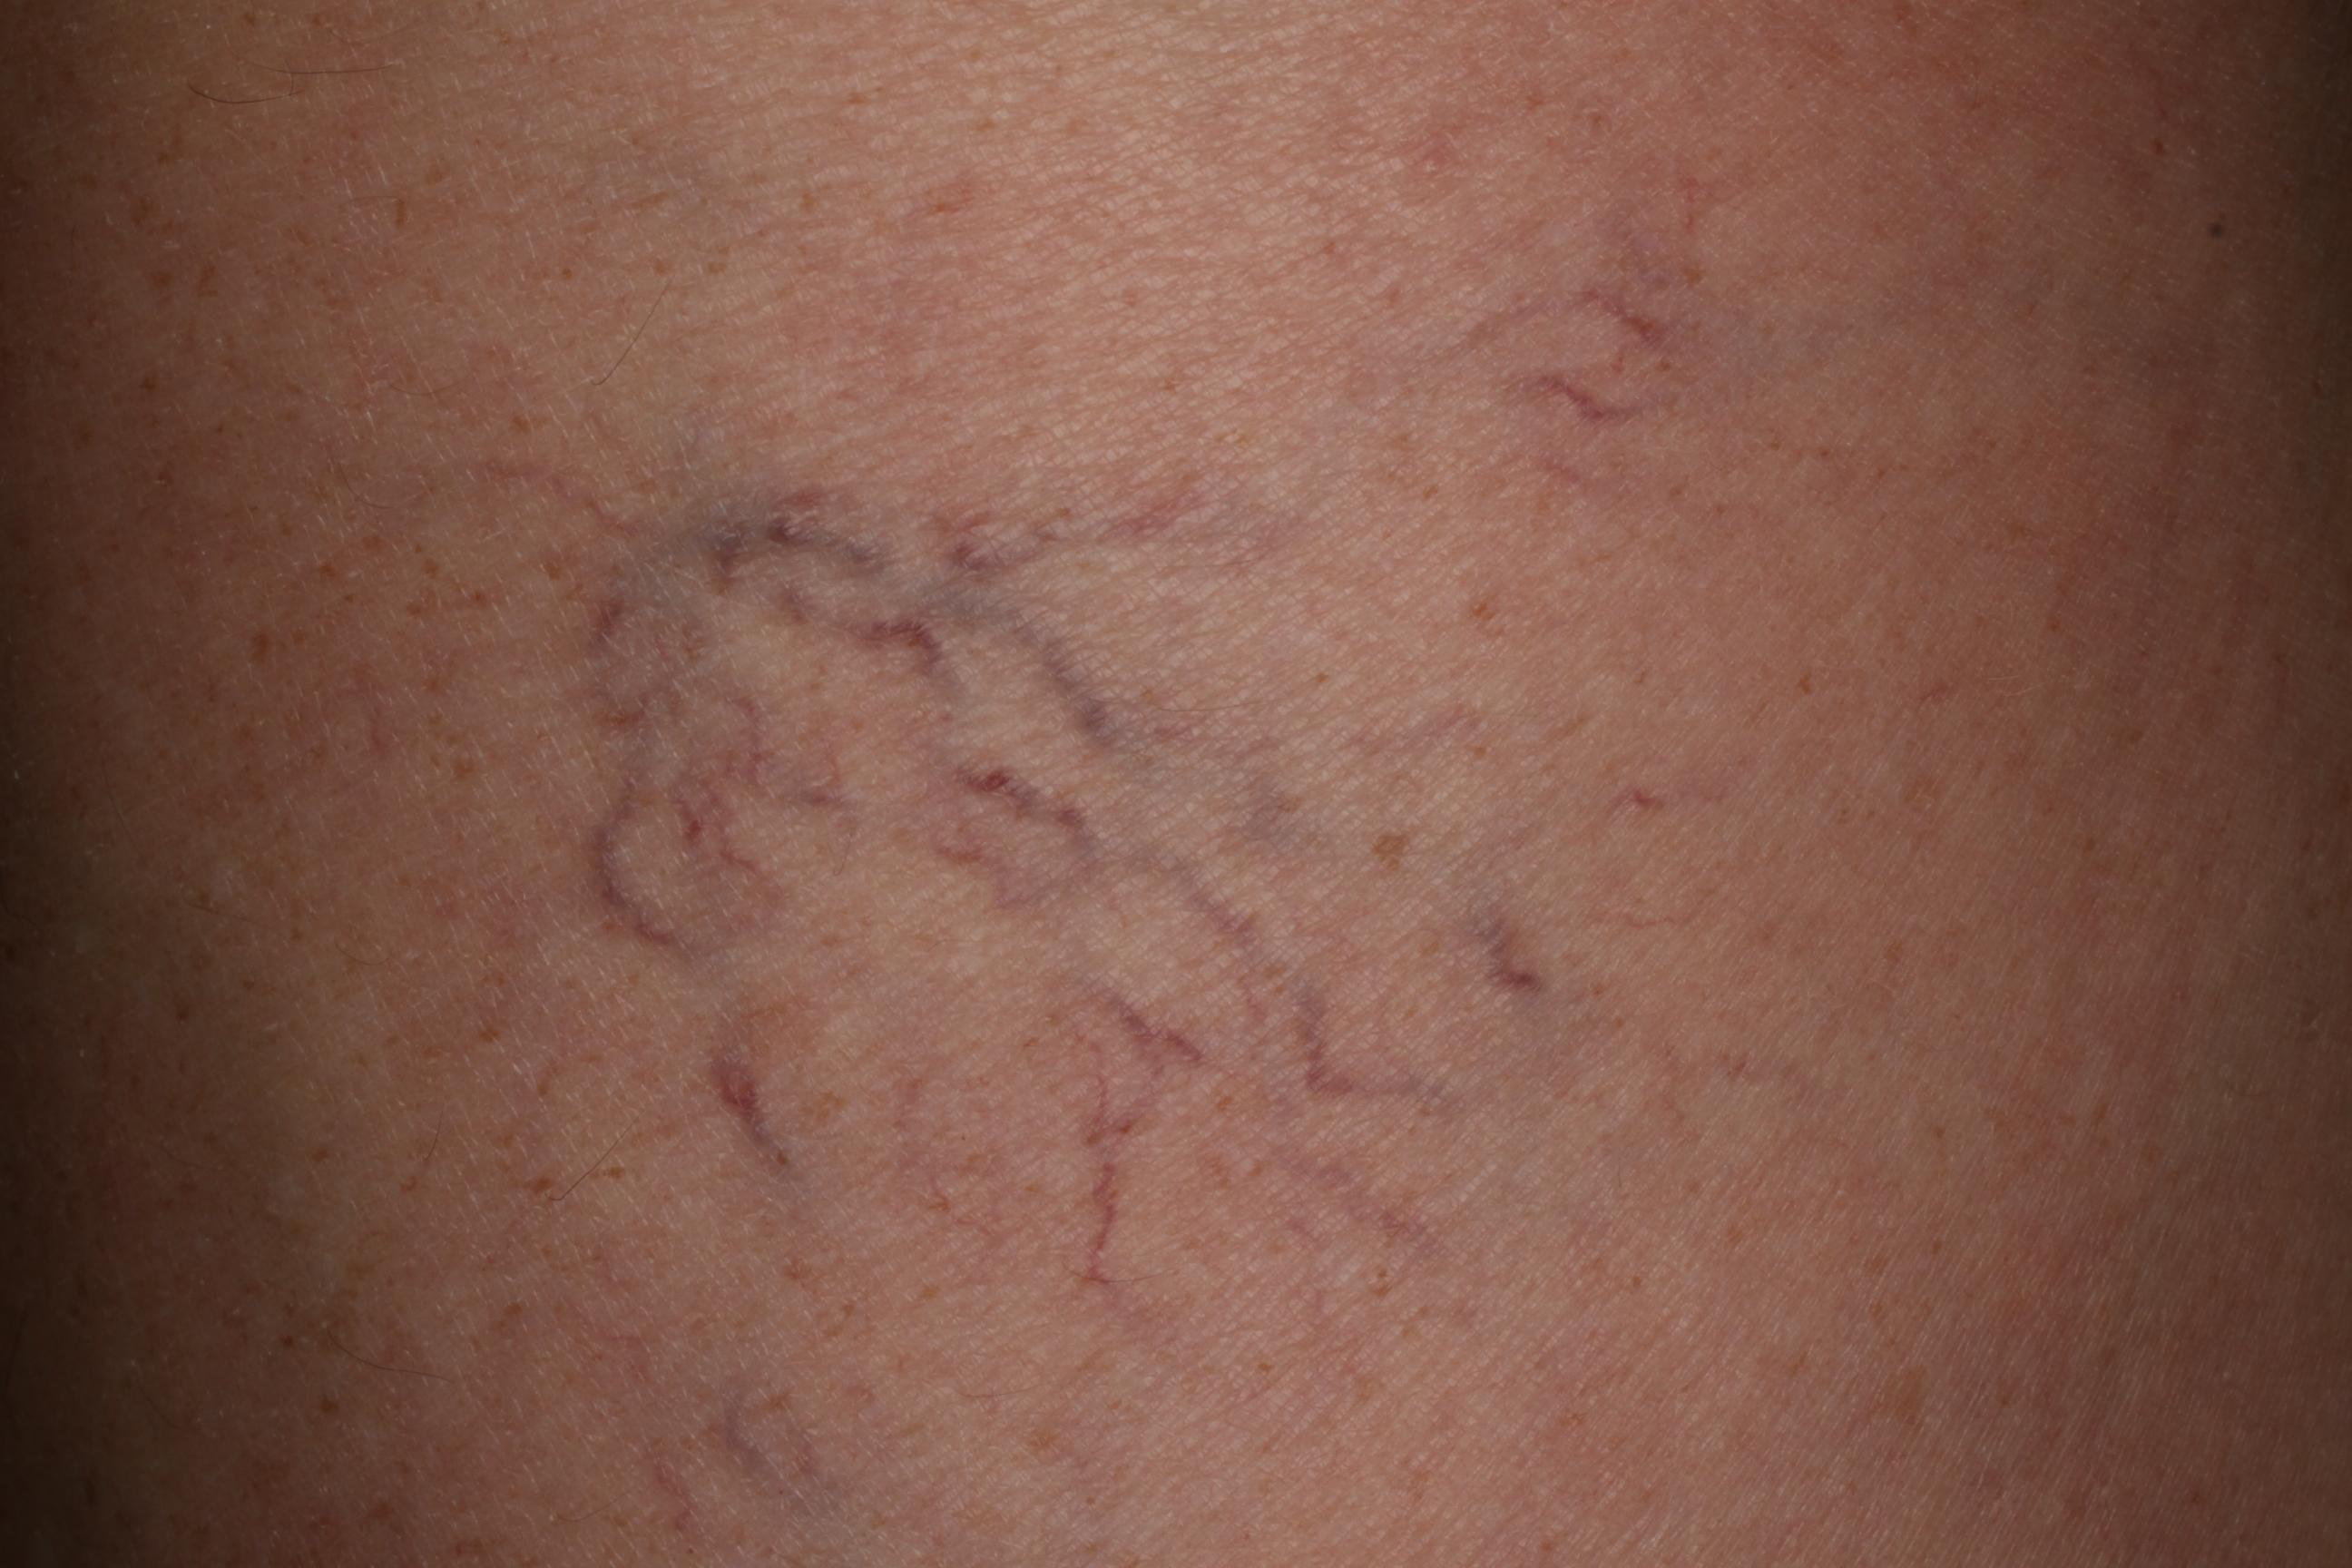 ízületi fájdalom tiroxin szedésekor